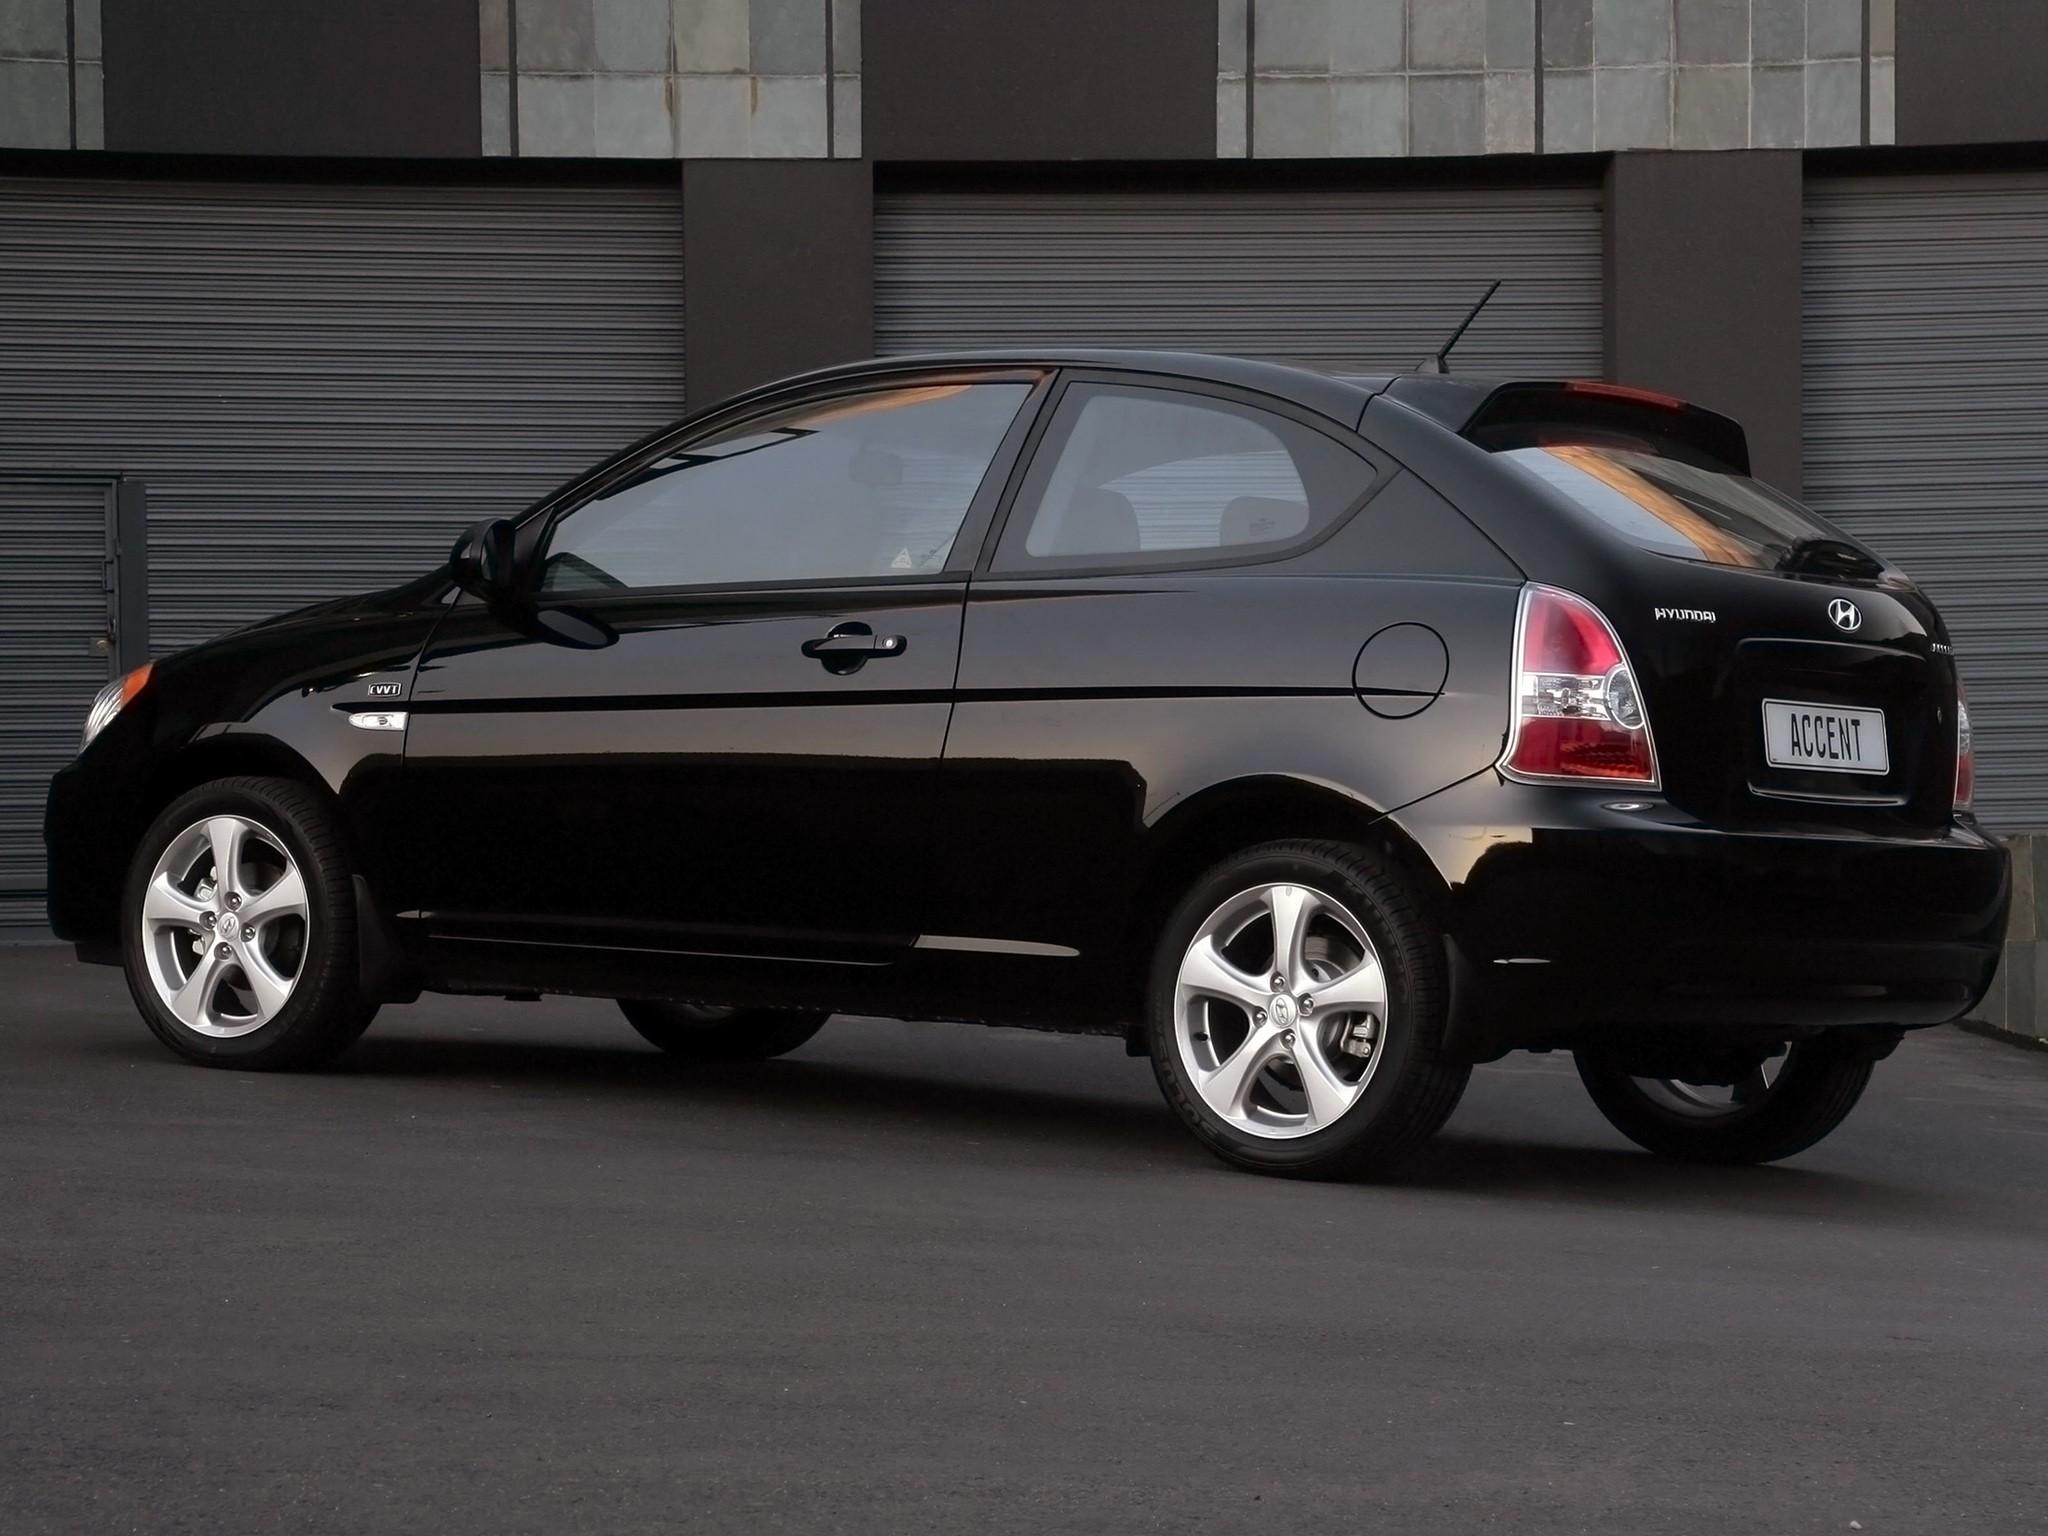 Hyundai Accent 3 Doors Specs 2006 2007 2008 2009